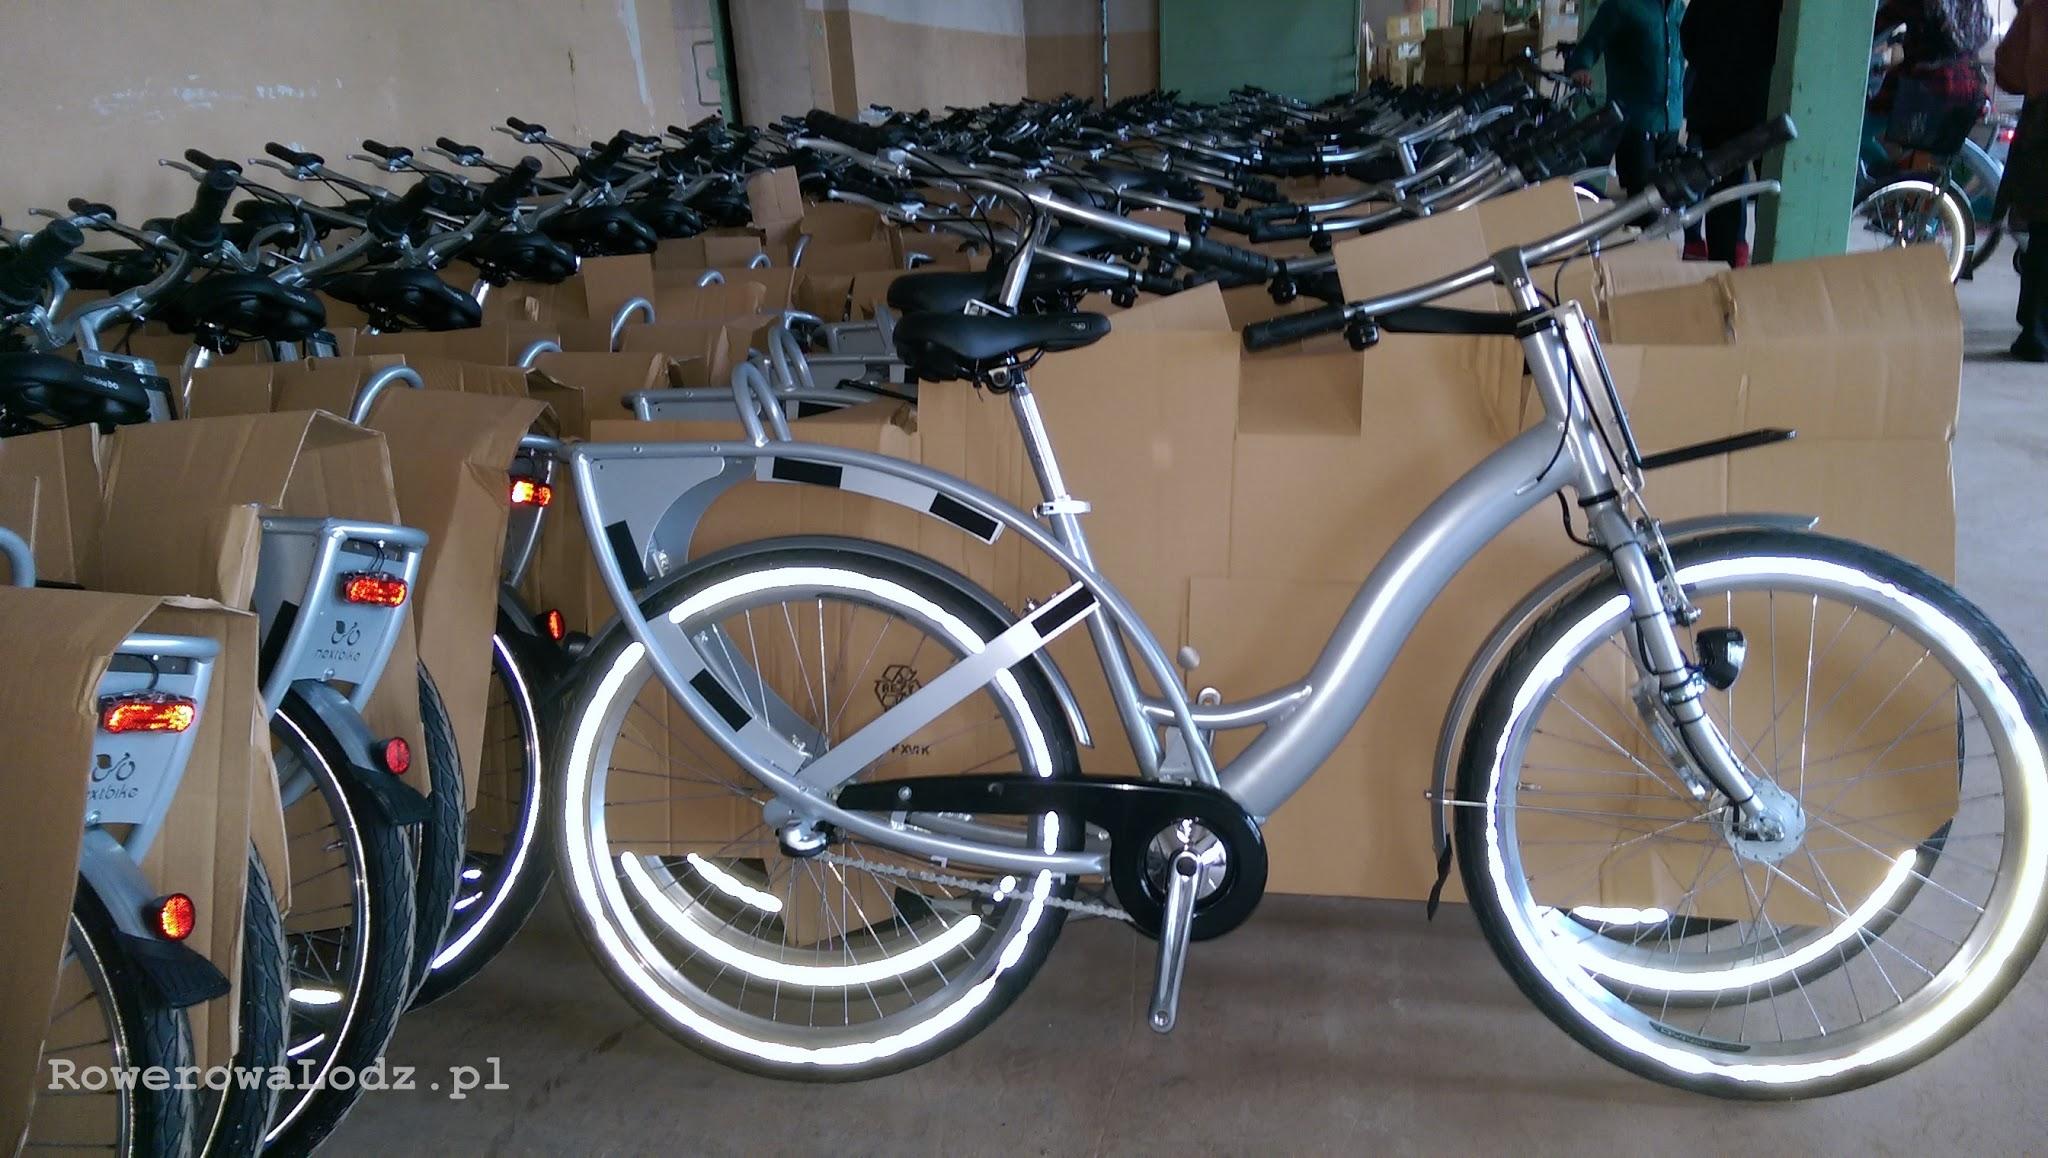 Każdy rower wyposażony jest w koła z odblaskową obwódką - poprawia widoczność boczną